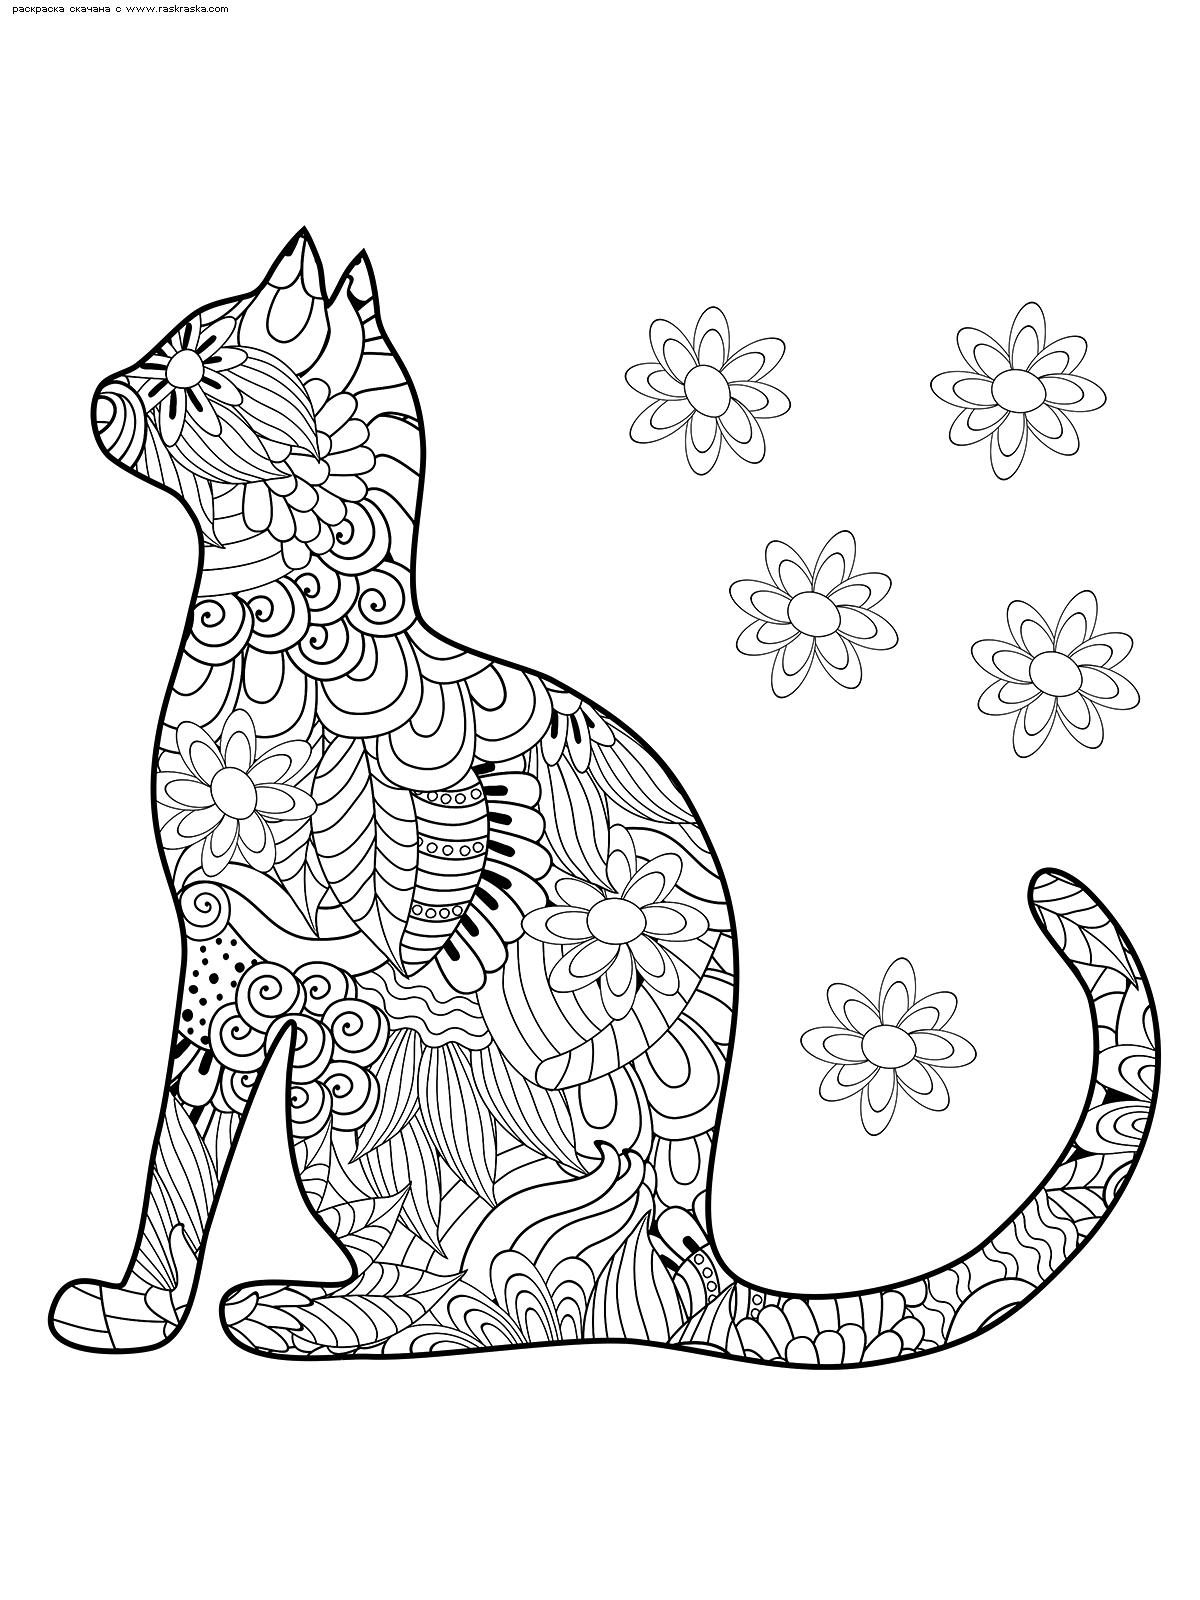 Раскраска Силуэт кошки | Раскраски антистресс Кошки ...